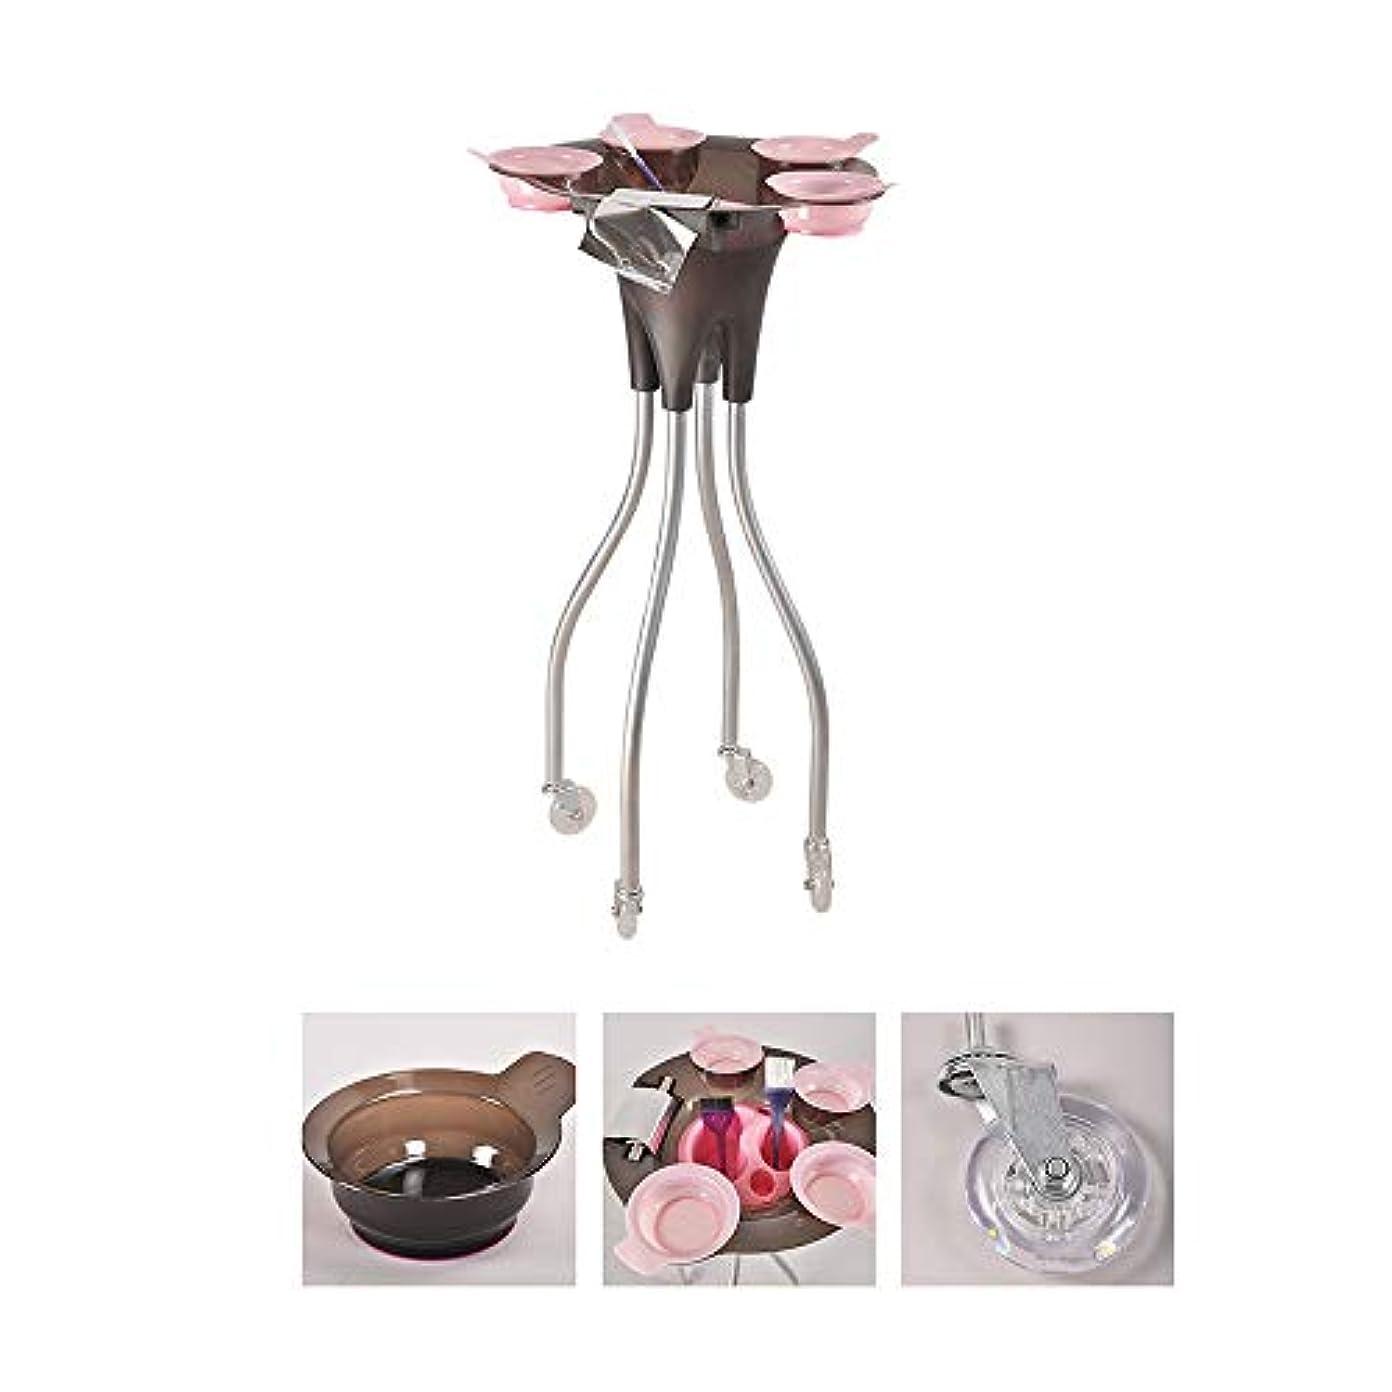 形式シャッター小康4つの車輪が付いている大広間の美容院のトロリー、毛色の染料のボールが付いている美の皿の携帯用実用的なカート、SPAの貯蔵の毛の付属品のホールダー